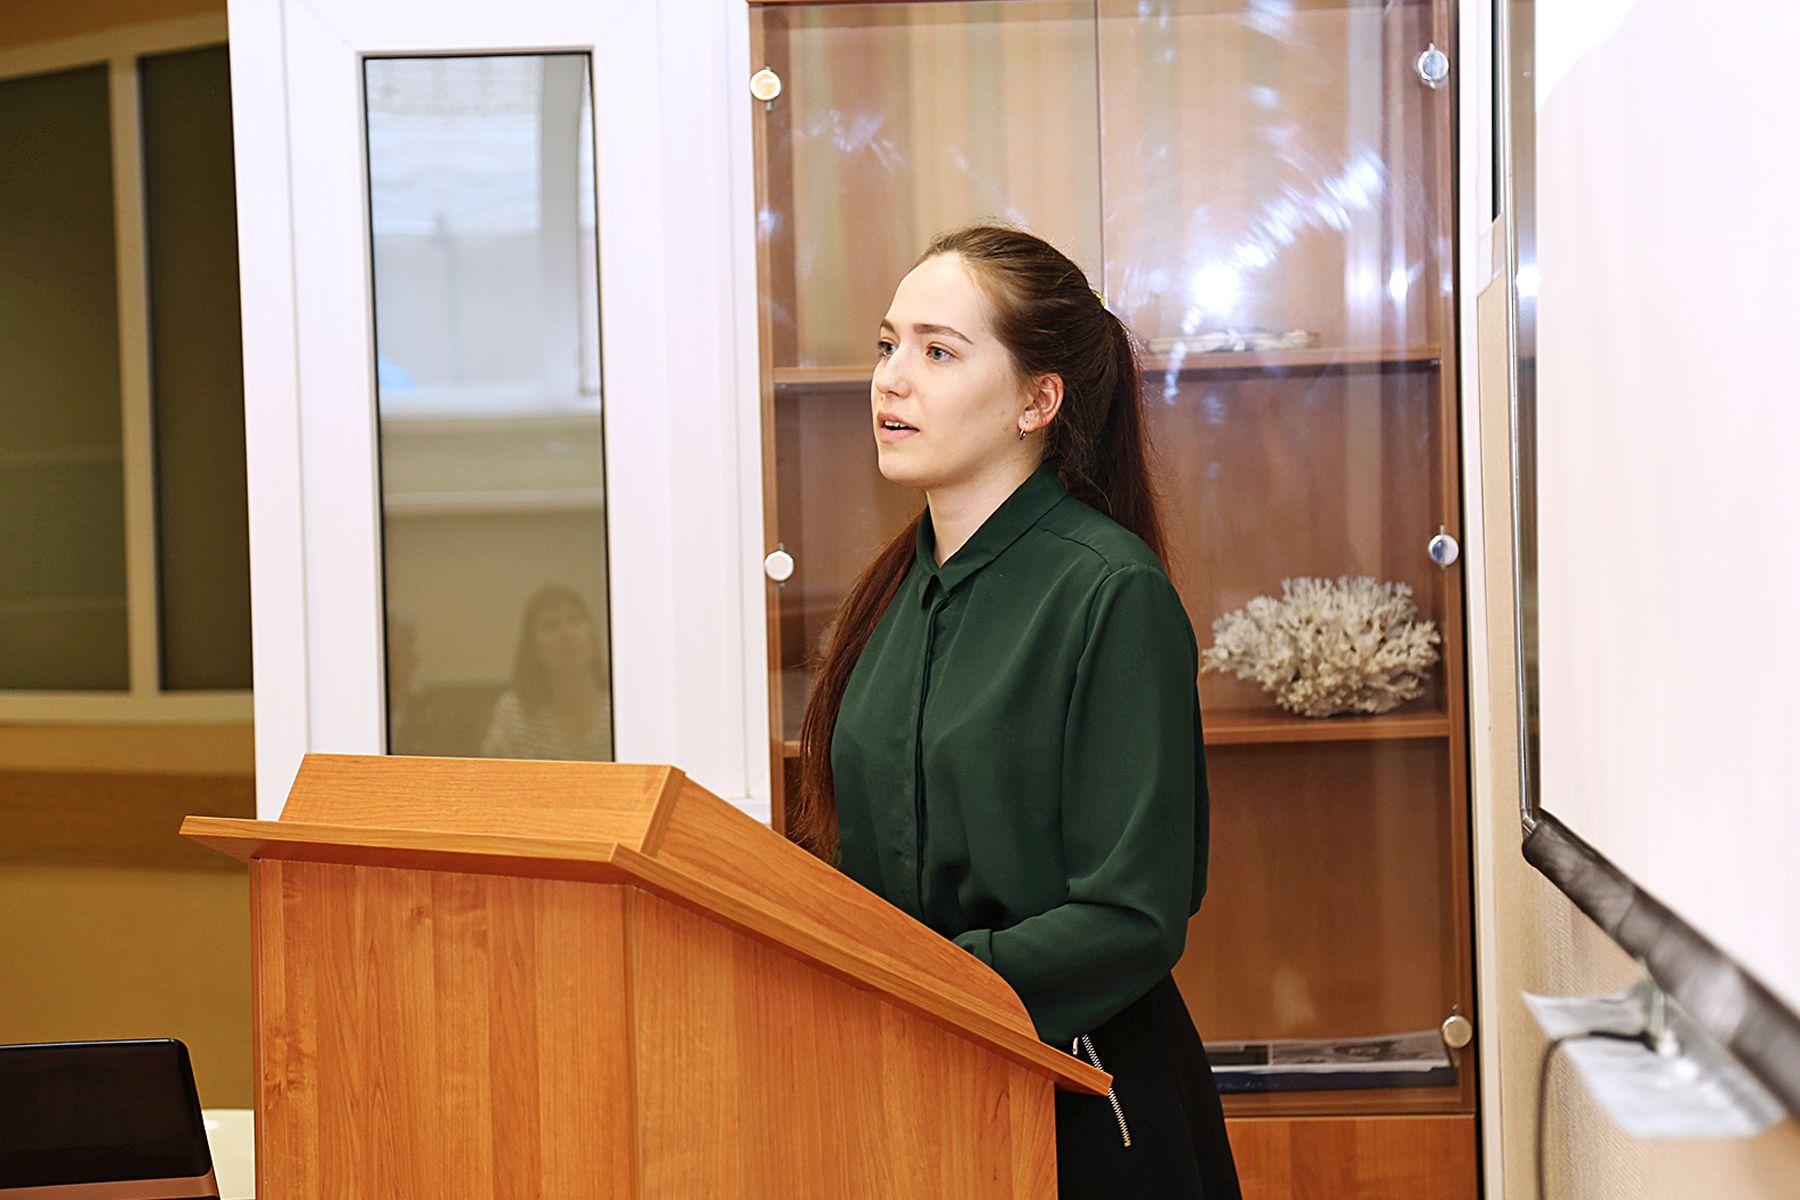 Студентка ВГУЭС предлагает модернизировать установки по очистке воздуха в судостроительной компании «Восточная верфь»